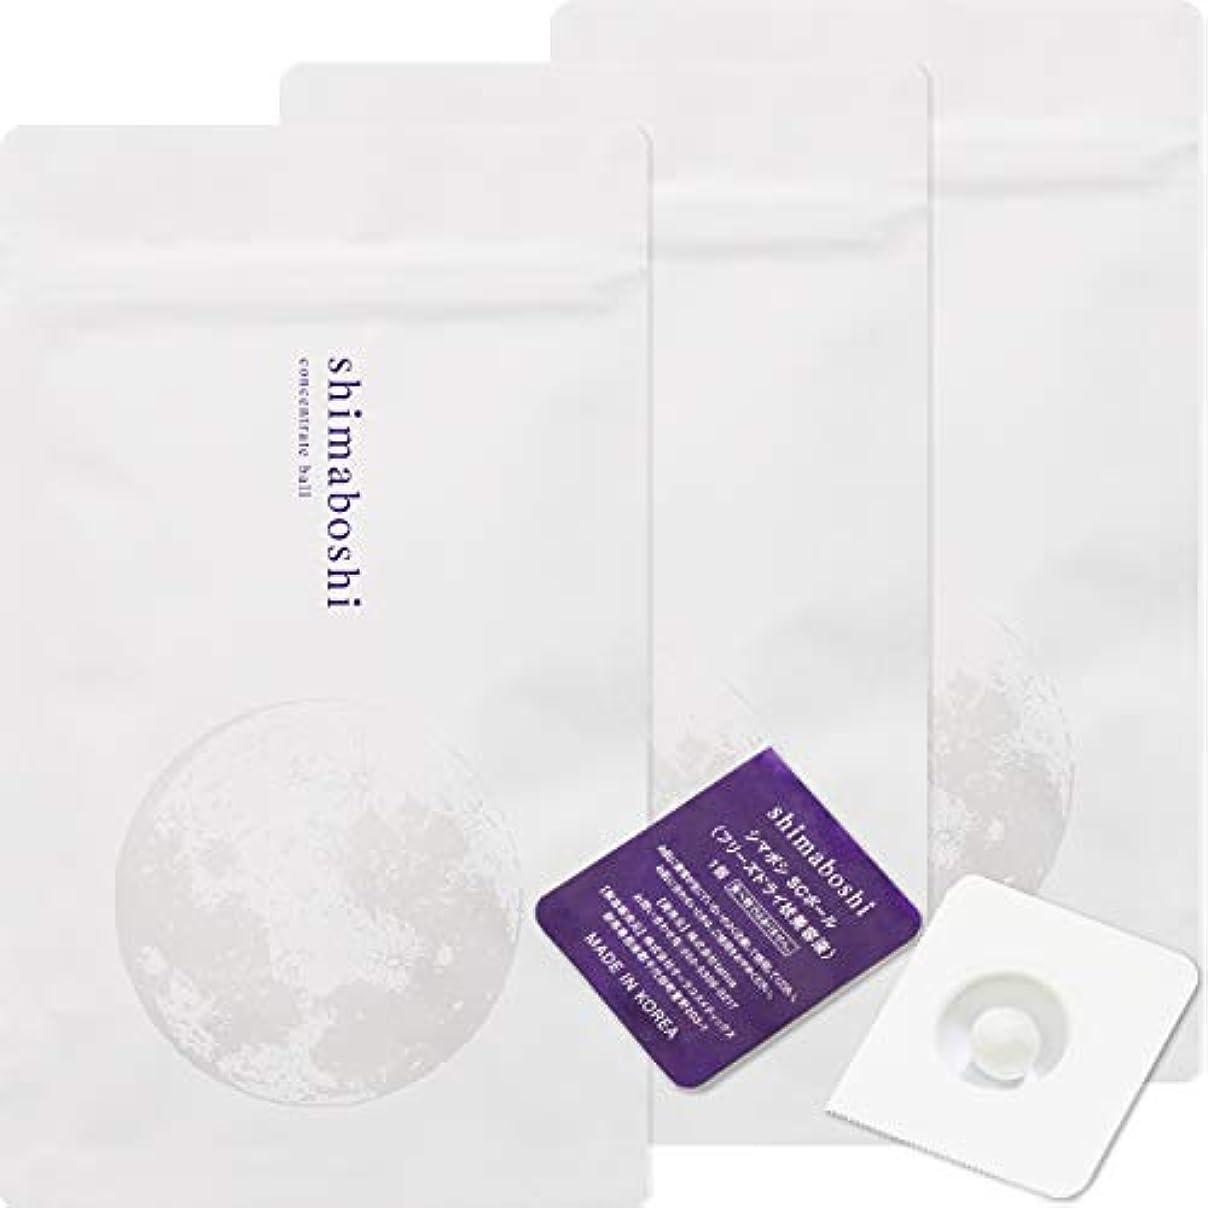 不毛のクラウド間違えたシマボシ shimaboshi コンセントレートボール 3袋セット 美容液 美白 エイジング ケア コラーゲン 美肌